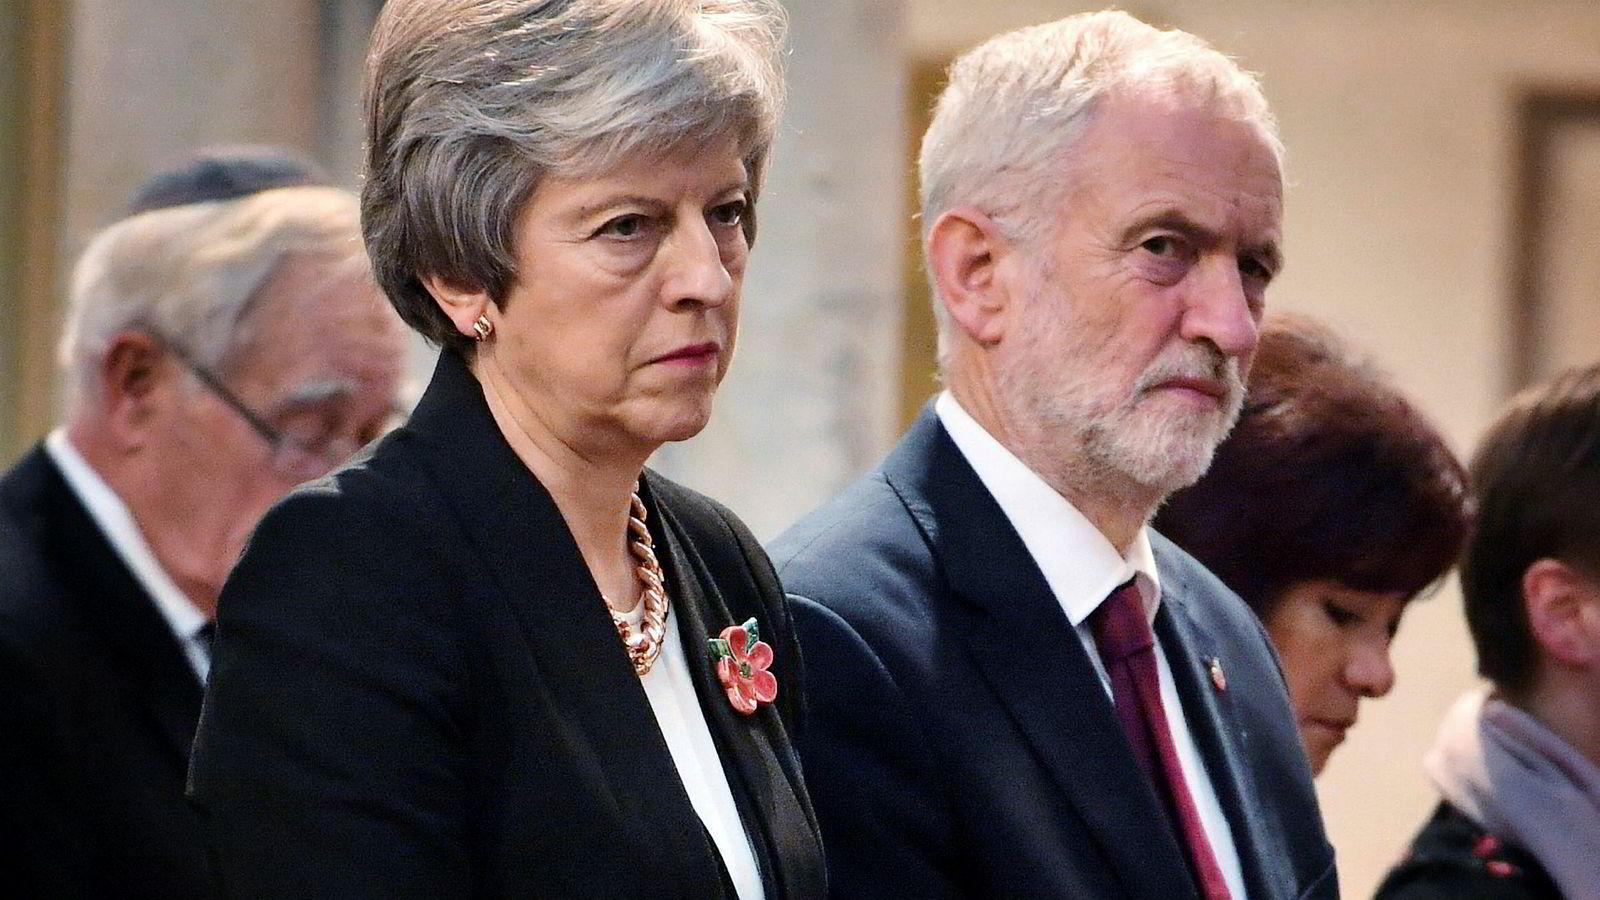 Lederne for de to største partiene, statsminister Theresa May og Labour-leder Jeremy Corbyn, hadde i utgangspunktet sagt ja til å være med i en debatt to dager før avstemningen i parlamentet. Så røk de uklar om formatet på debatten.